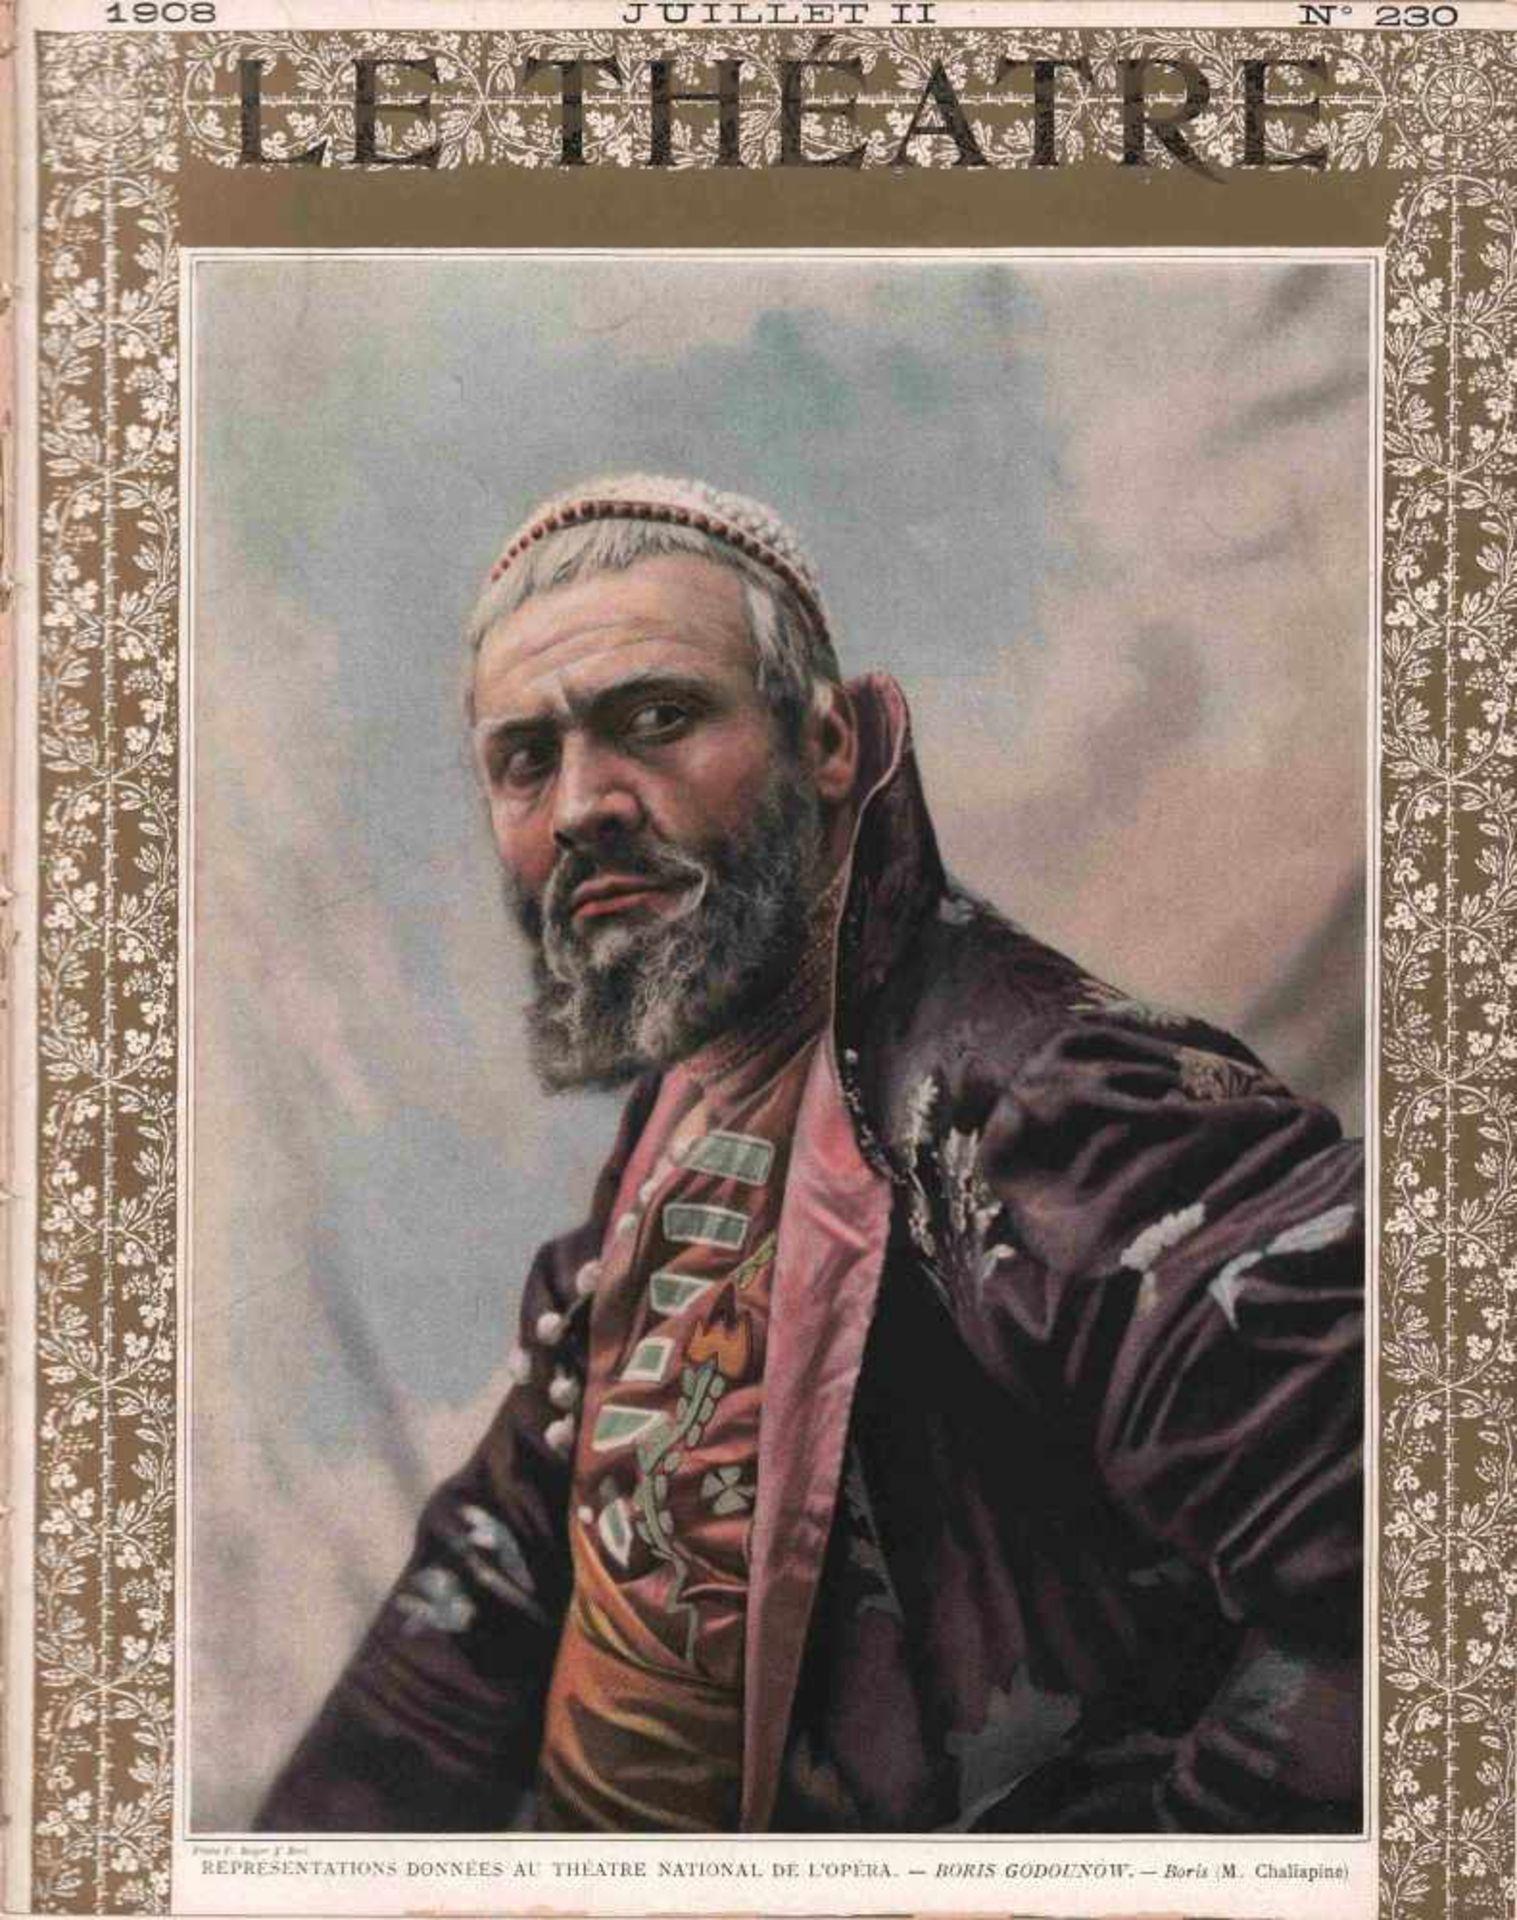 [OPERA RUSSES, CHALIAPINE] Zeitschrift Le Théatre Nr. 230, Juli 1908. 34 х 27 cm. Auf dem Umschlag